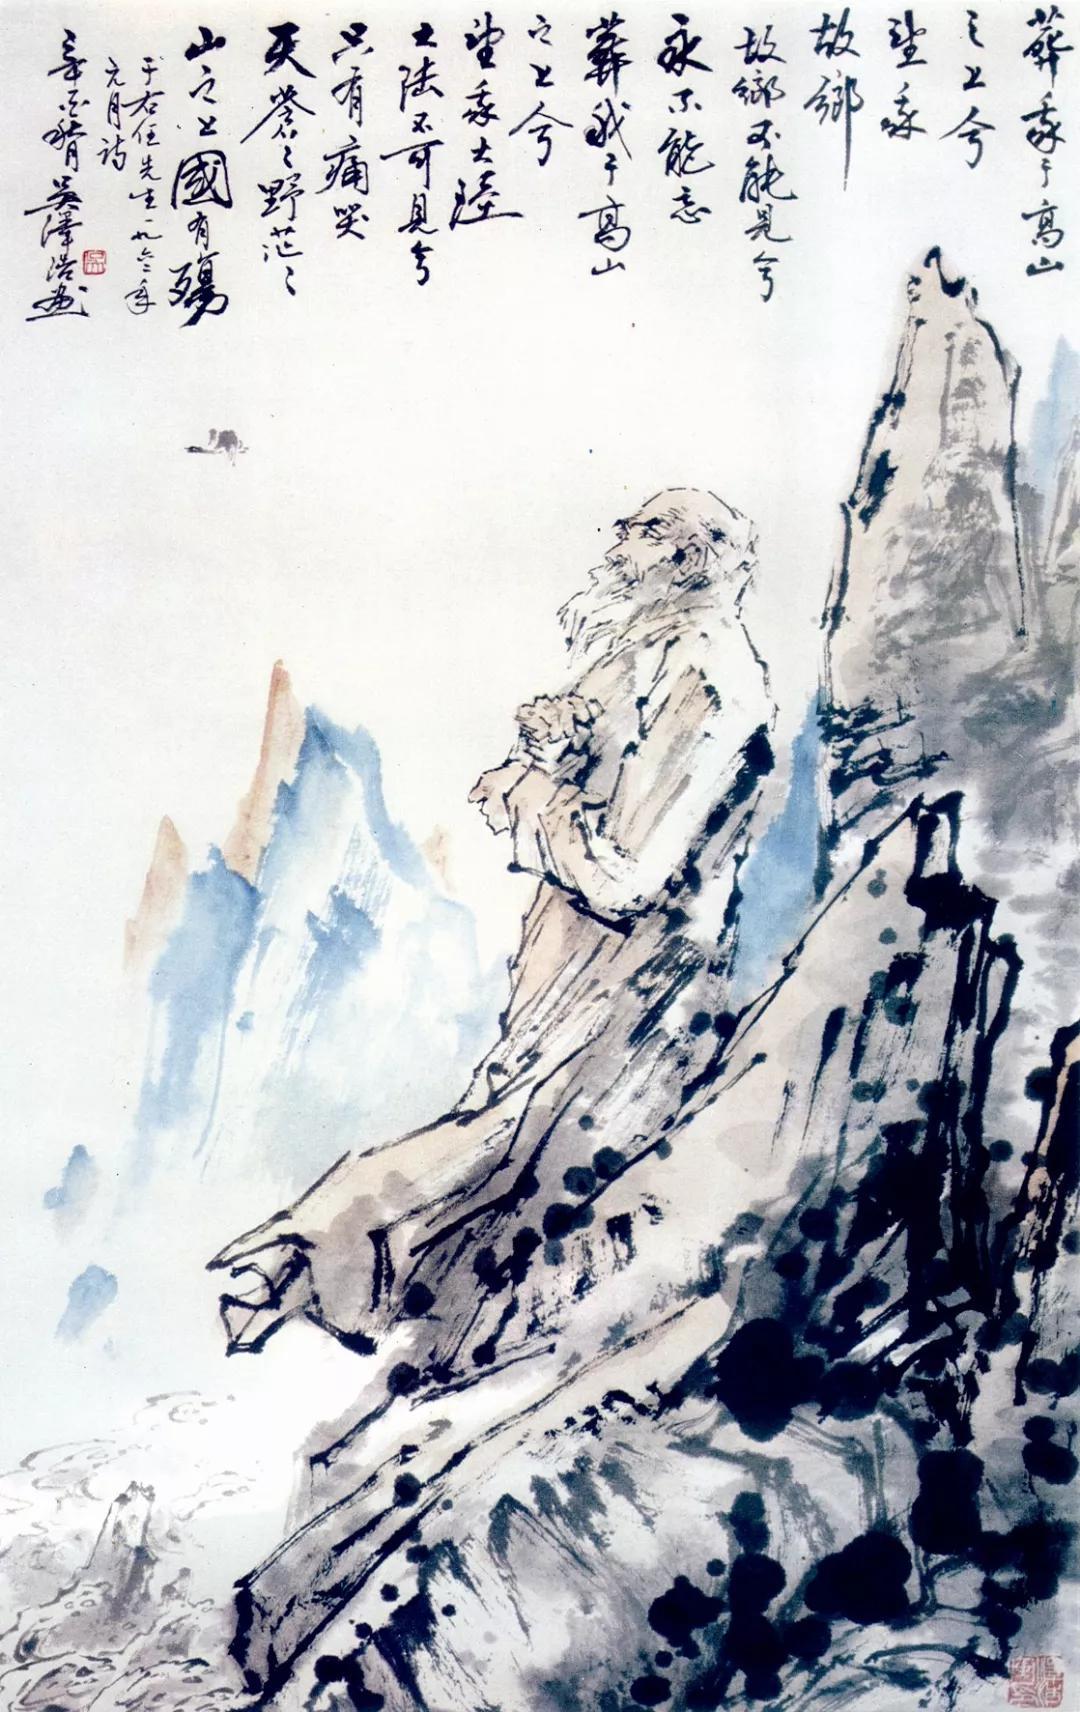 """诗画相济展同心 —— 忆""""台湾同胞爱国怀乡诗意画展"""""""